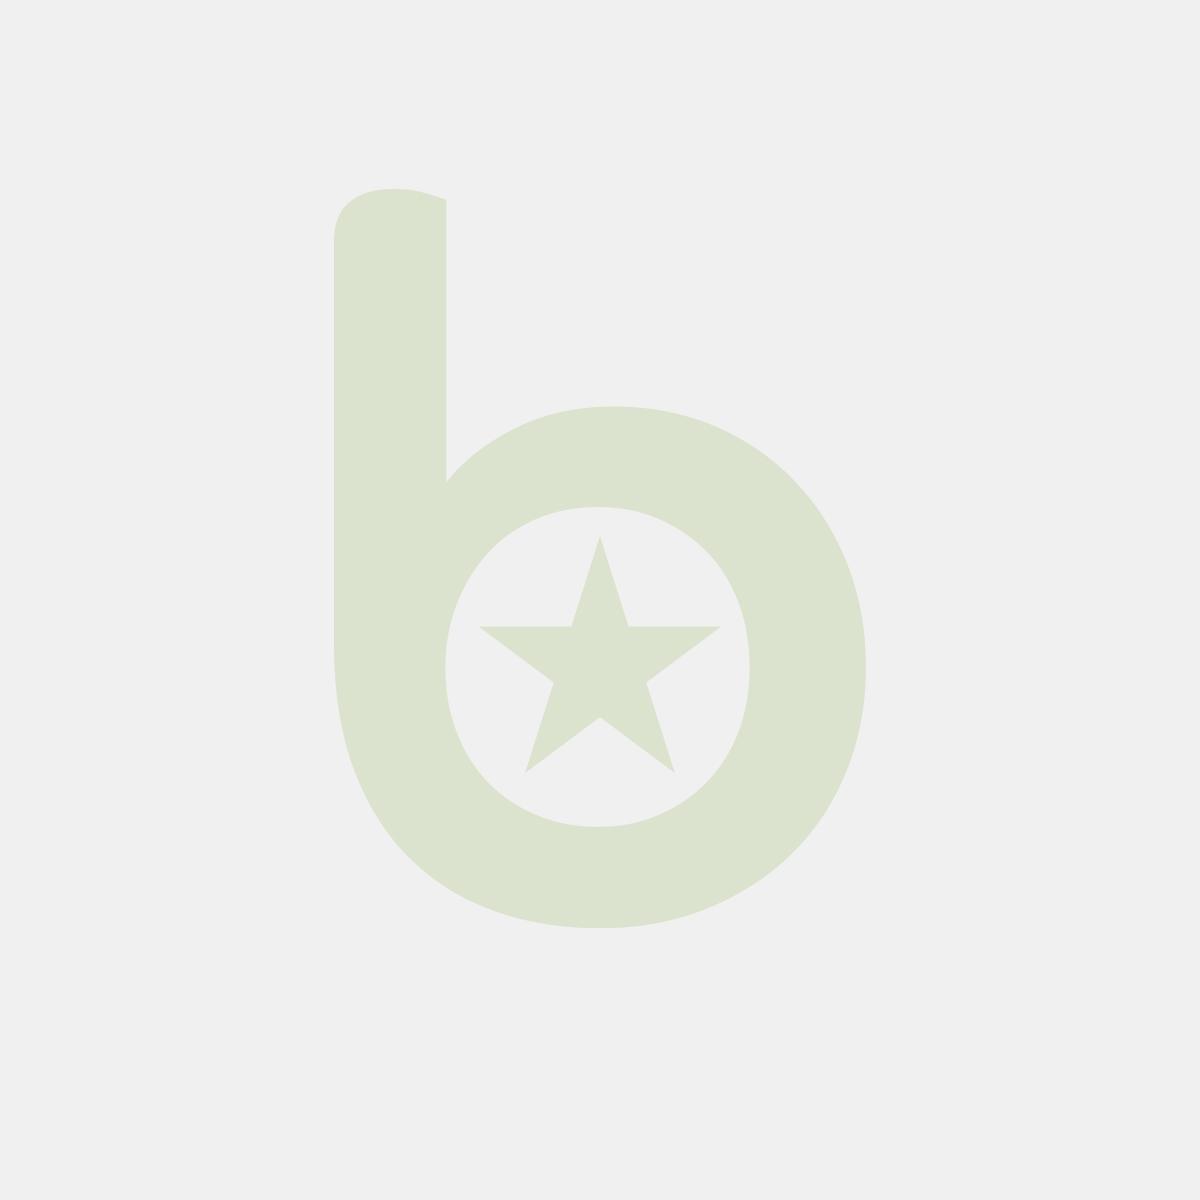 FINGERFOOD - pucharek 65ml śr.7,2xh.3cm transparentny op. 50 sztuk